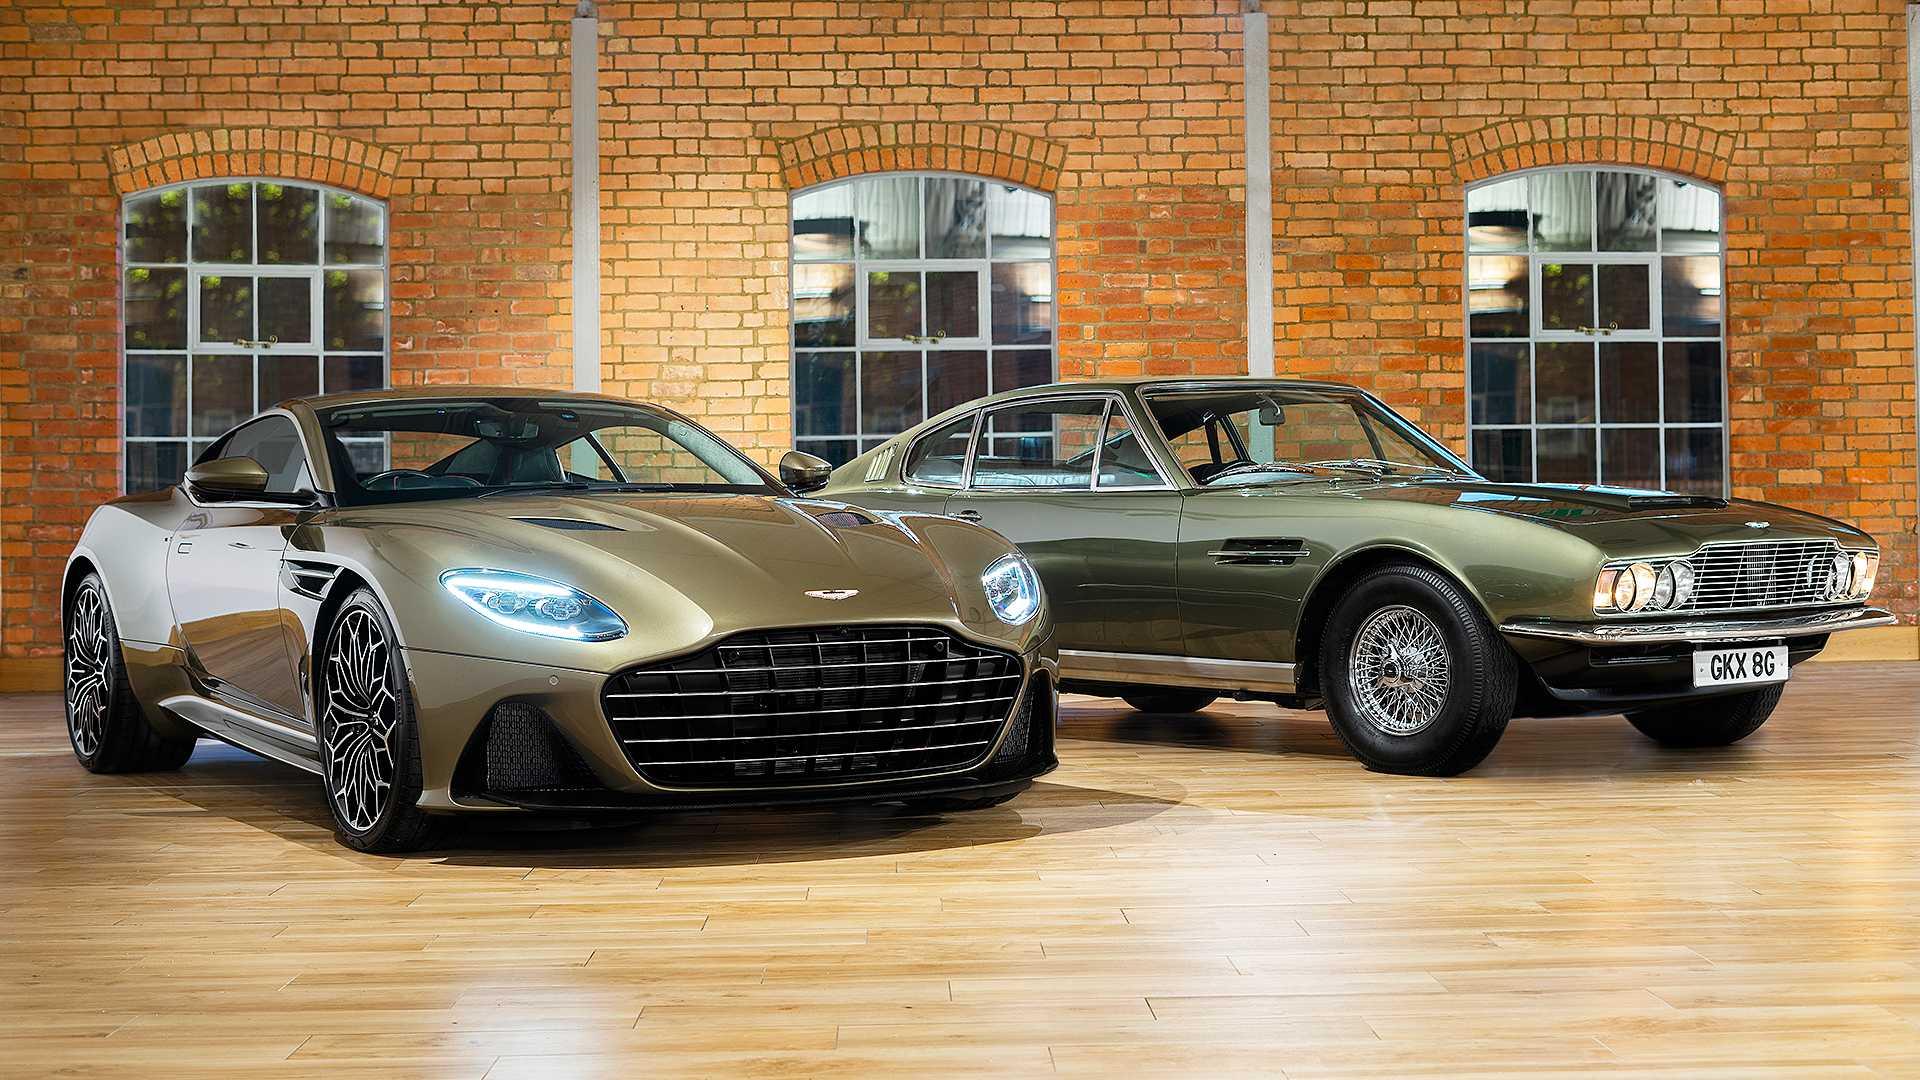 Aston Martin сделал особый DBS Superleggera в честь фильма о Джеймсе Бонде 1